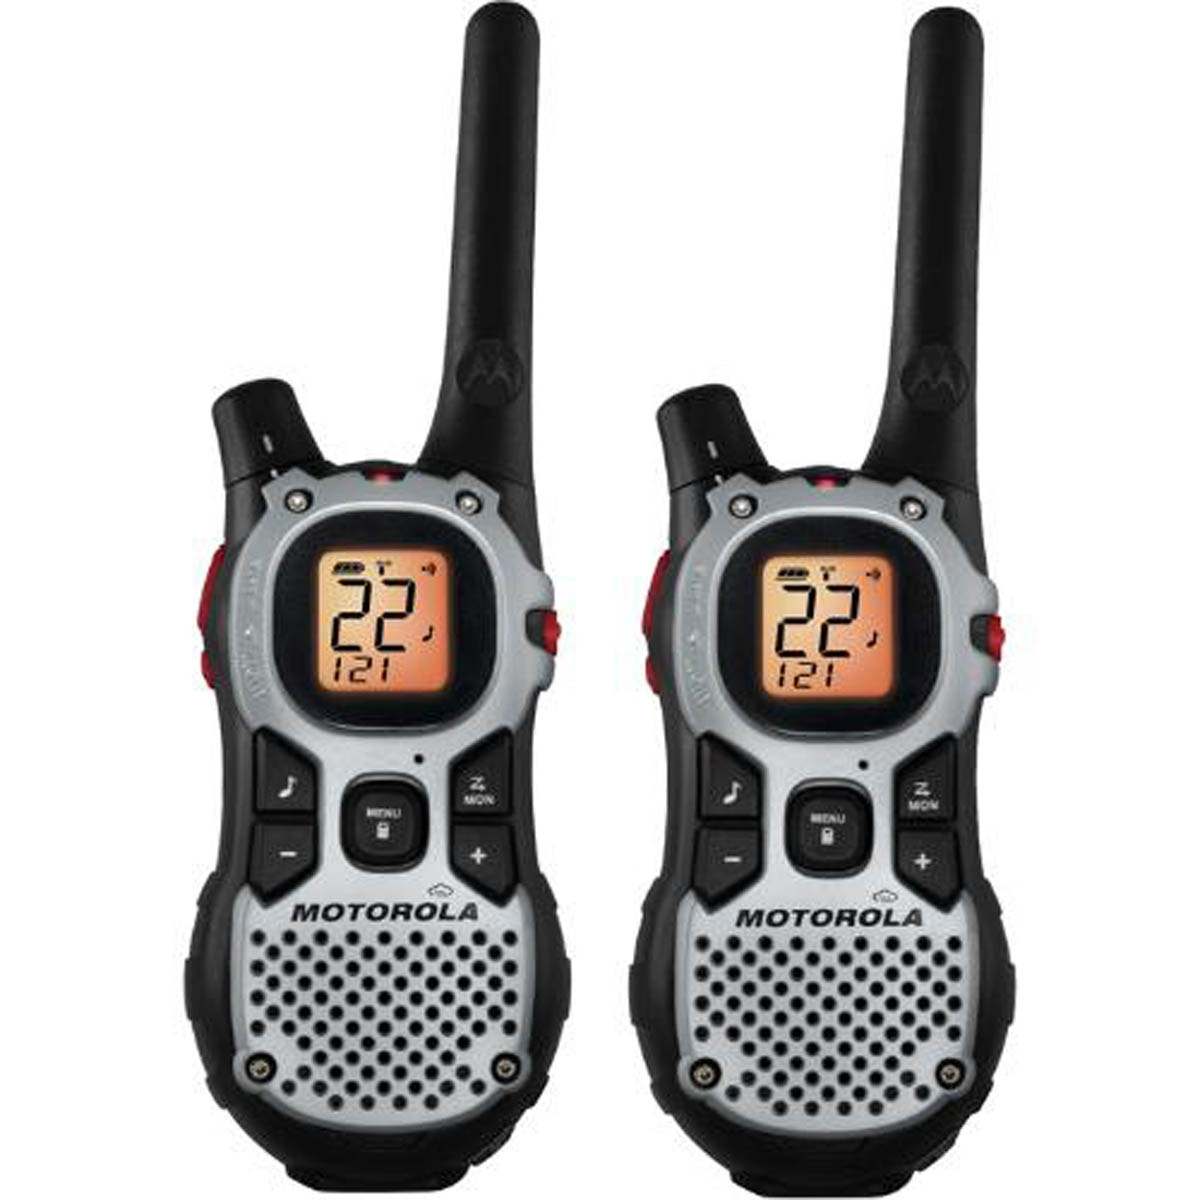 mj270r talkabout radio package set of 2 Motorola Walkie Talkie Accessories Walkie Talkie Manuals Motorola 322Cu